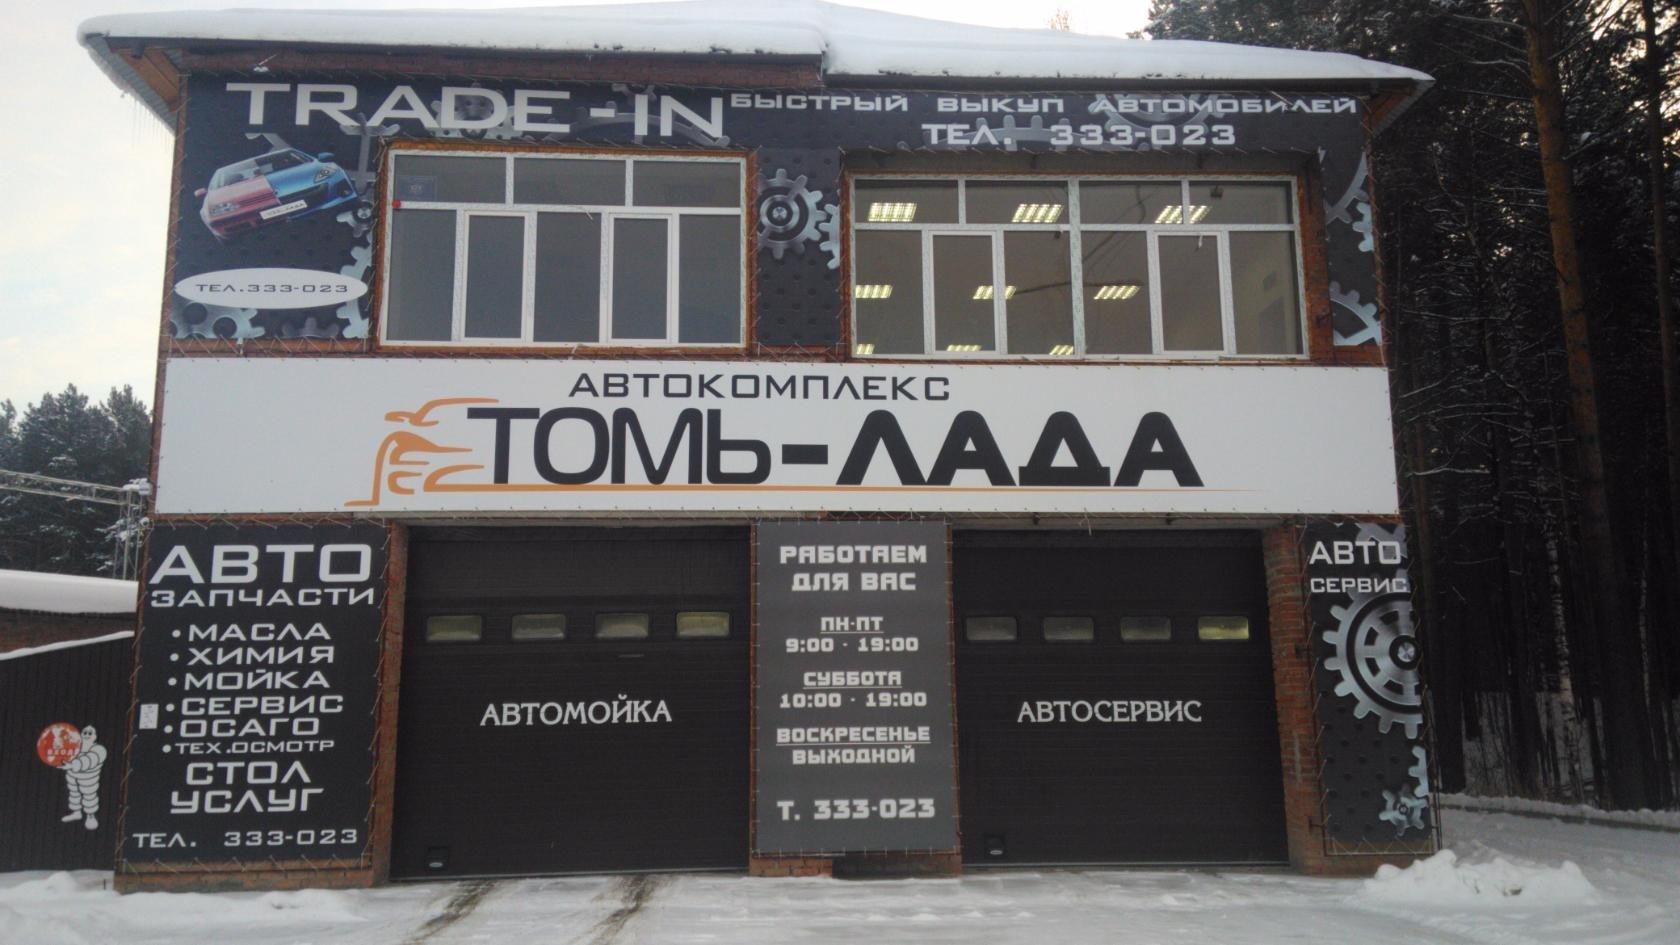 Лотерея для жителей Северска от автокомплекса «Томь-Лада»